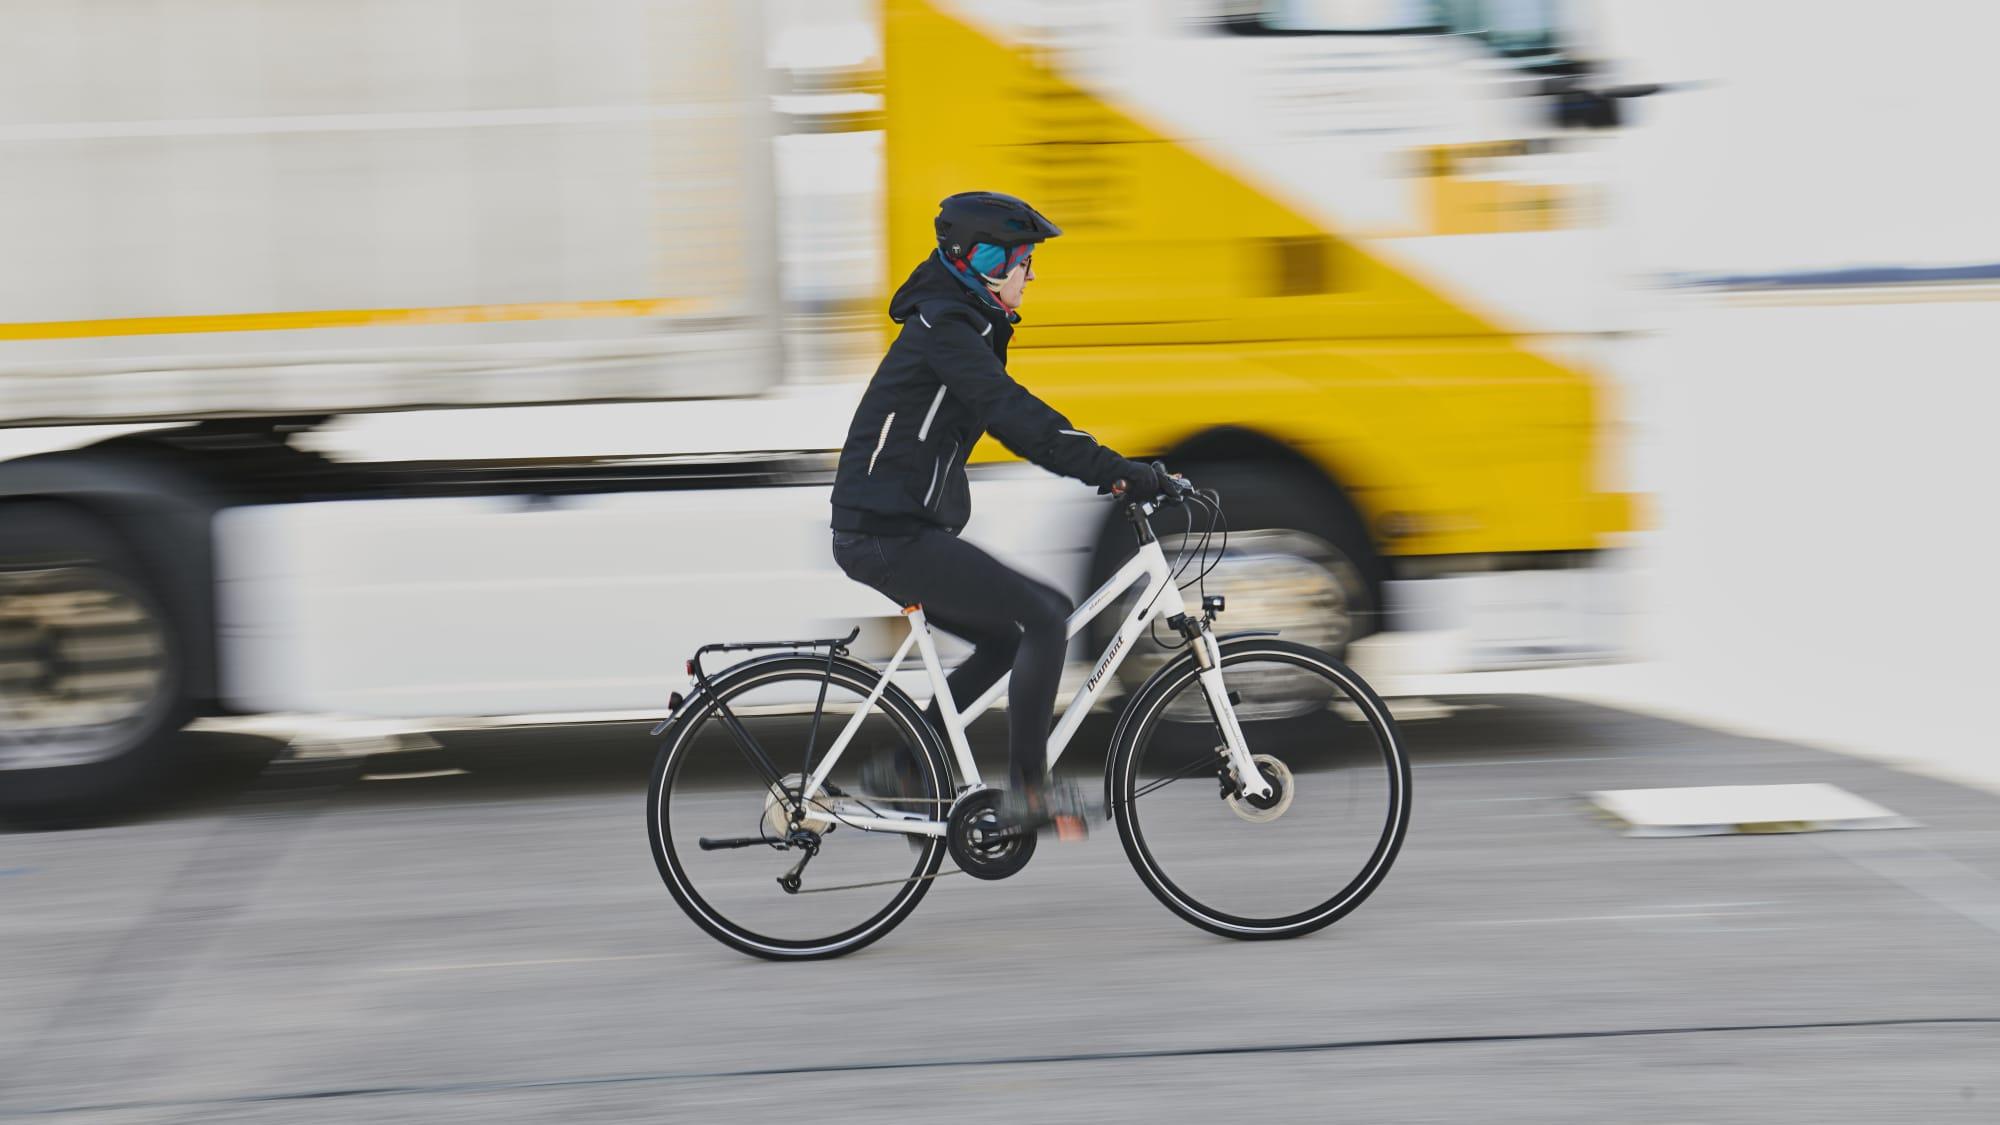 Fahrradfahrerin fährt neben LKW